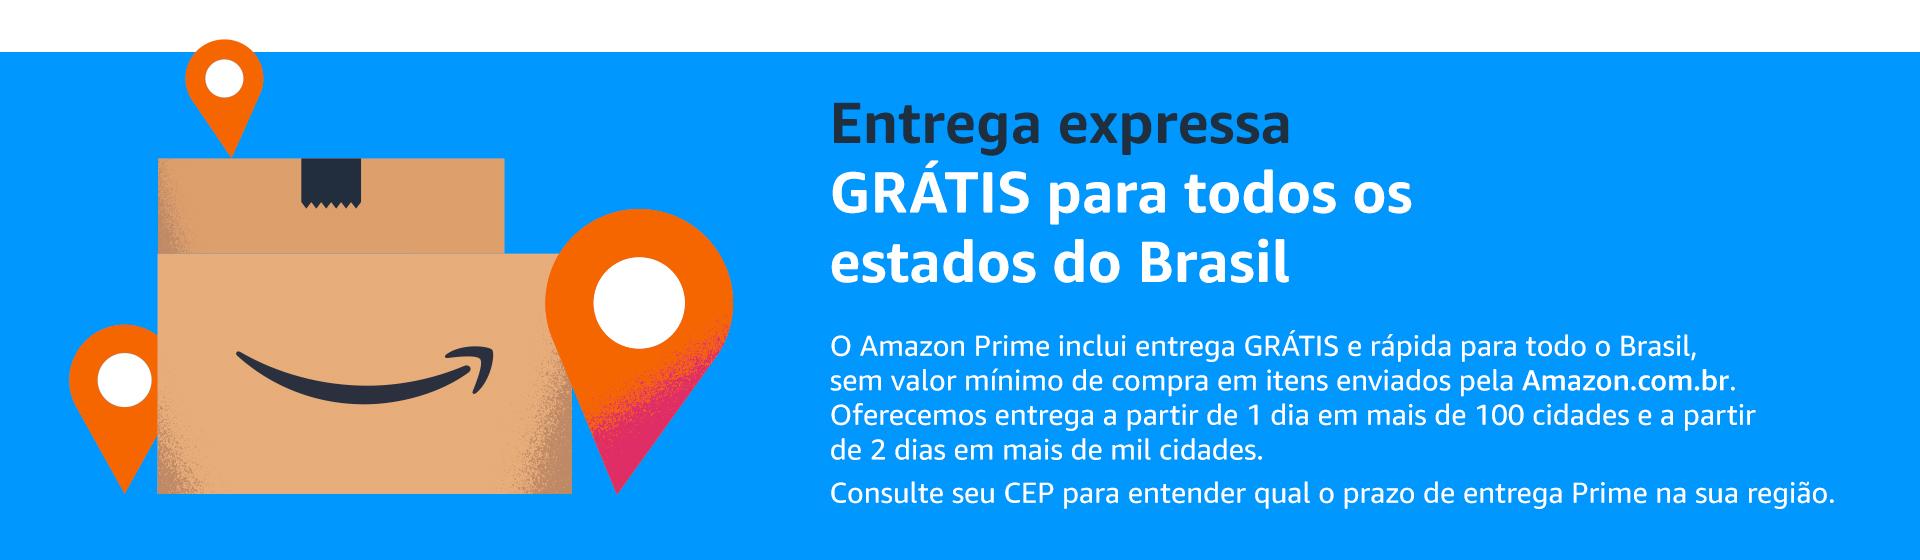 Entrega expressa GRÁTIS para todos os estados do Brasil